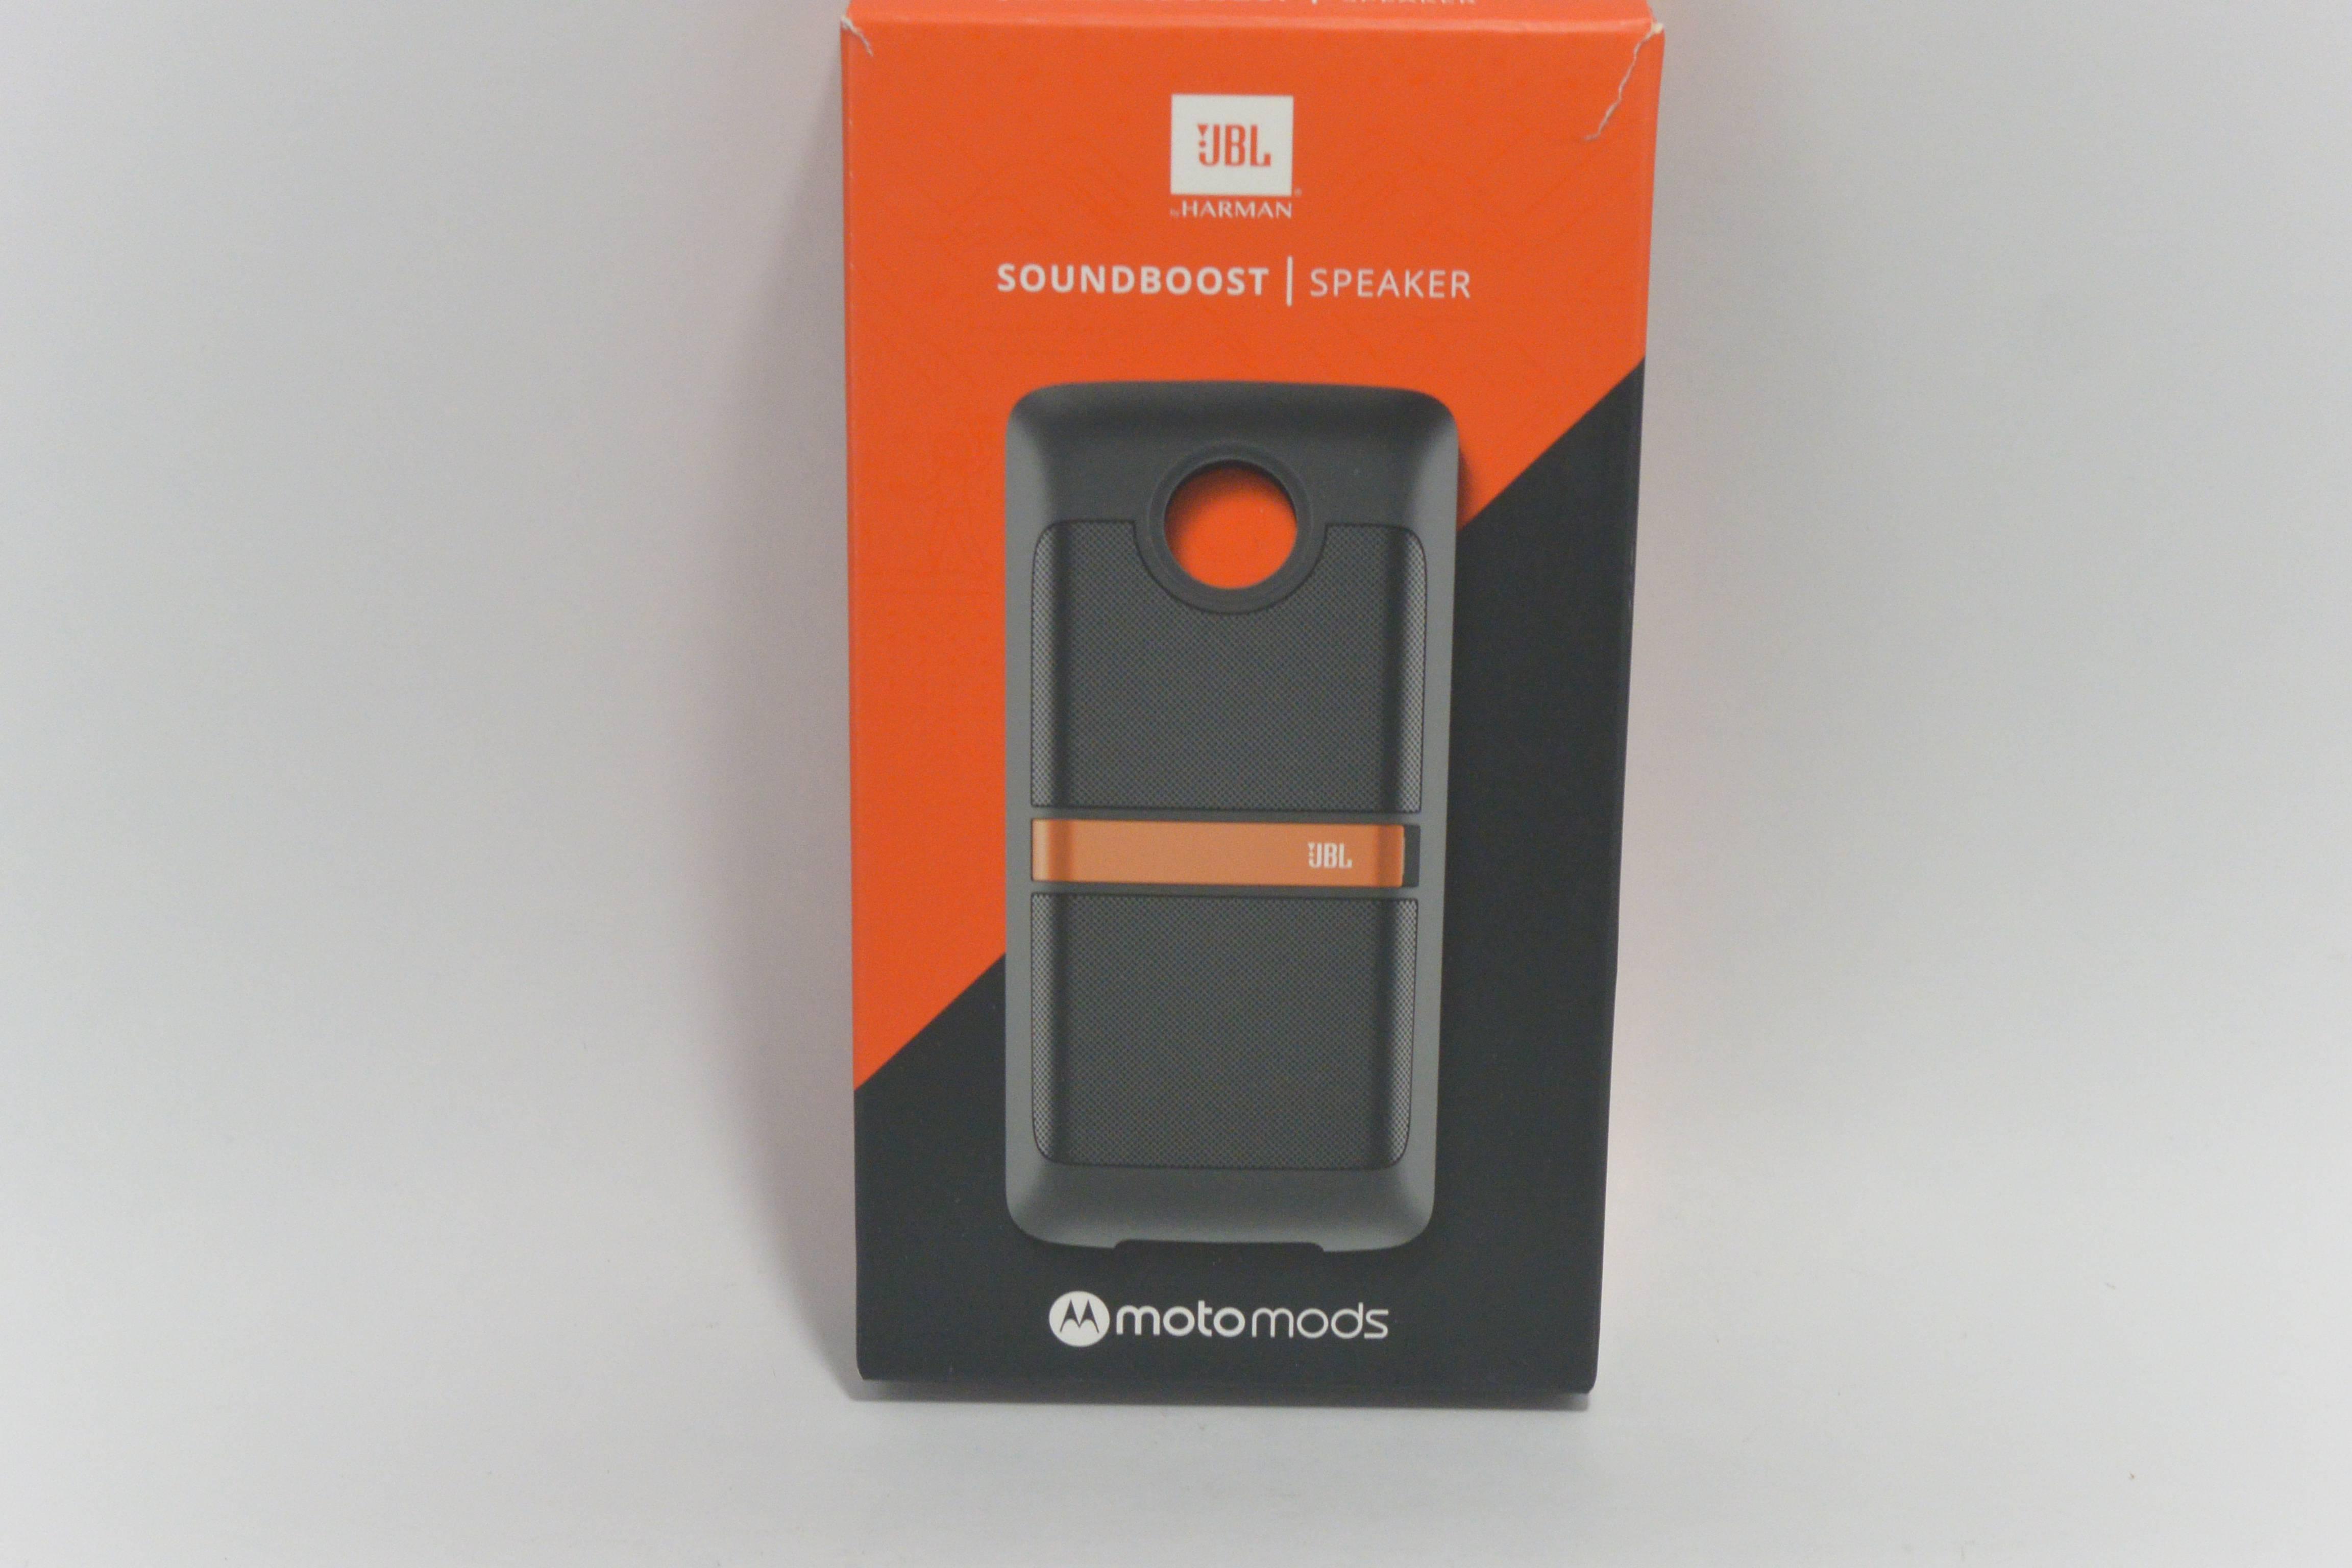 motorola jbl speaker. new oem jbl soundboost moto mods black speaker for motorola z/moto z force jbl c